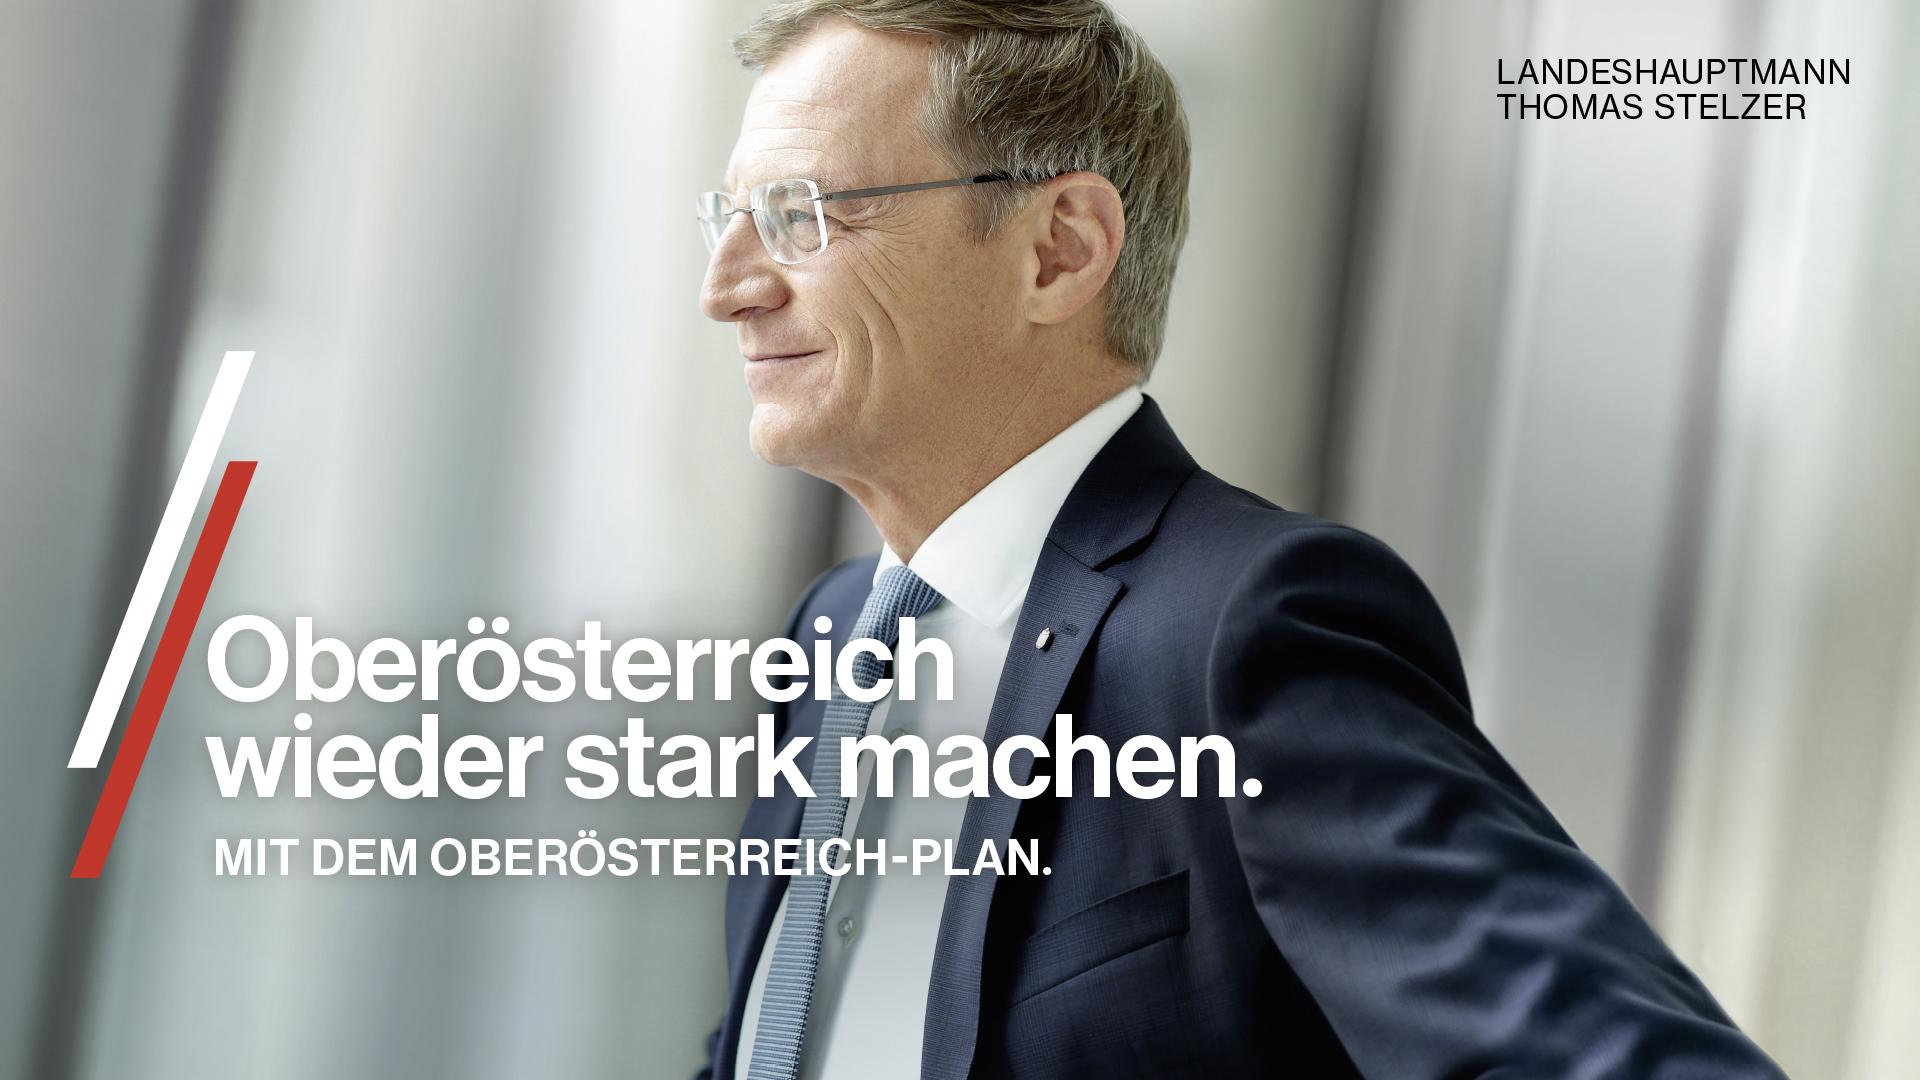 Oberösterreich wieder stark machen. Mit dem Oberösterreich-Plan